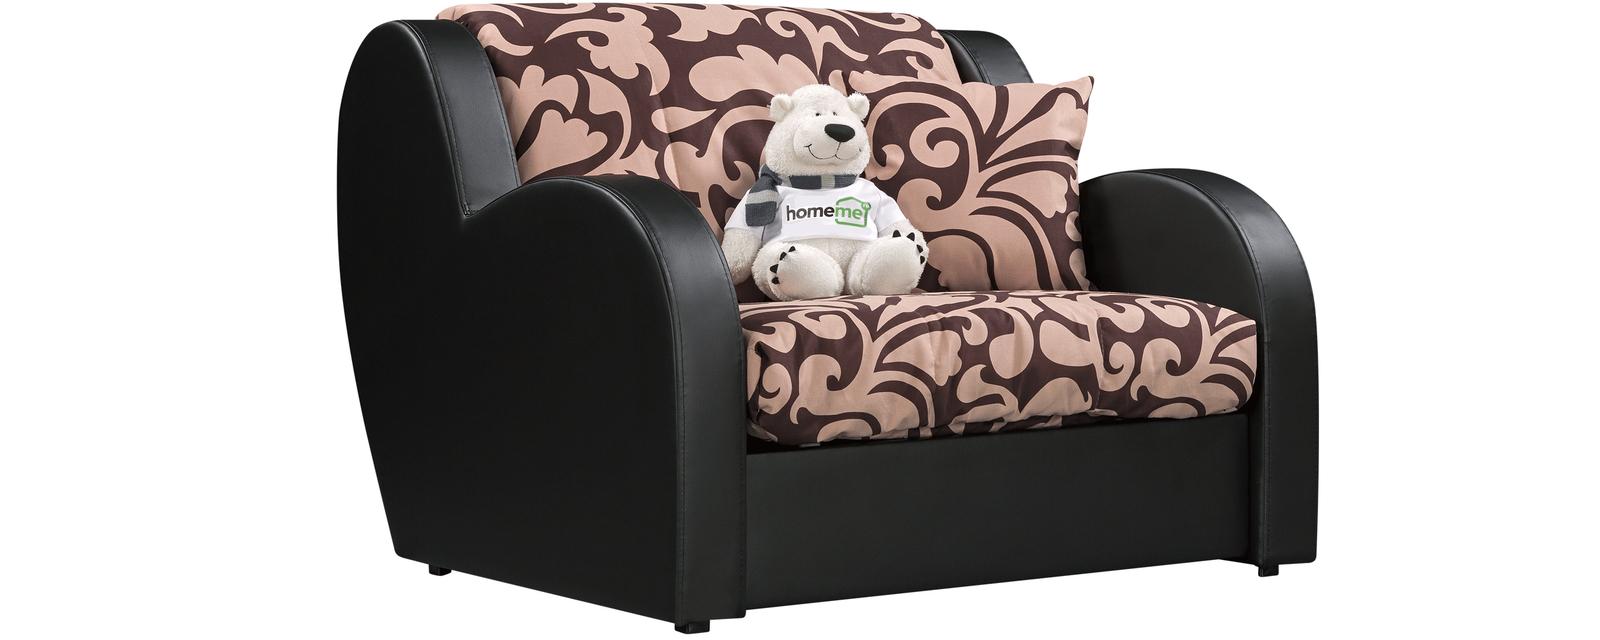 Кресло тканевое Барон Fandy коричневый вариант №1 (Ткань + Экокожа) Барон